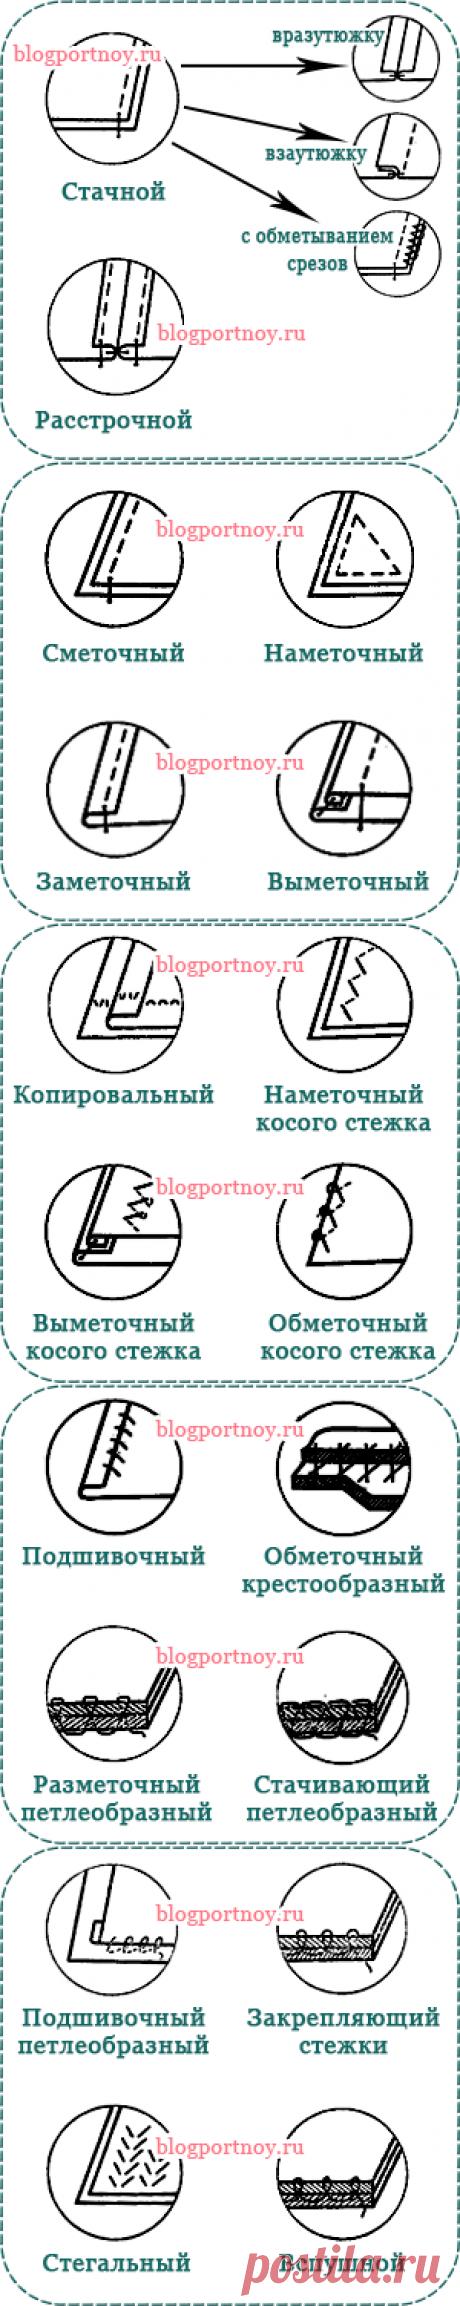 [Шитье] Шпаргалка. Швы: ручные, машинные соединительные и краевые